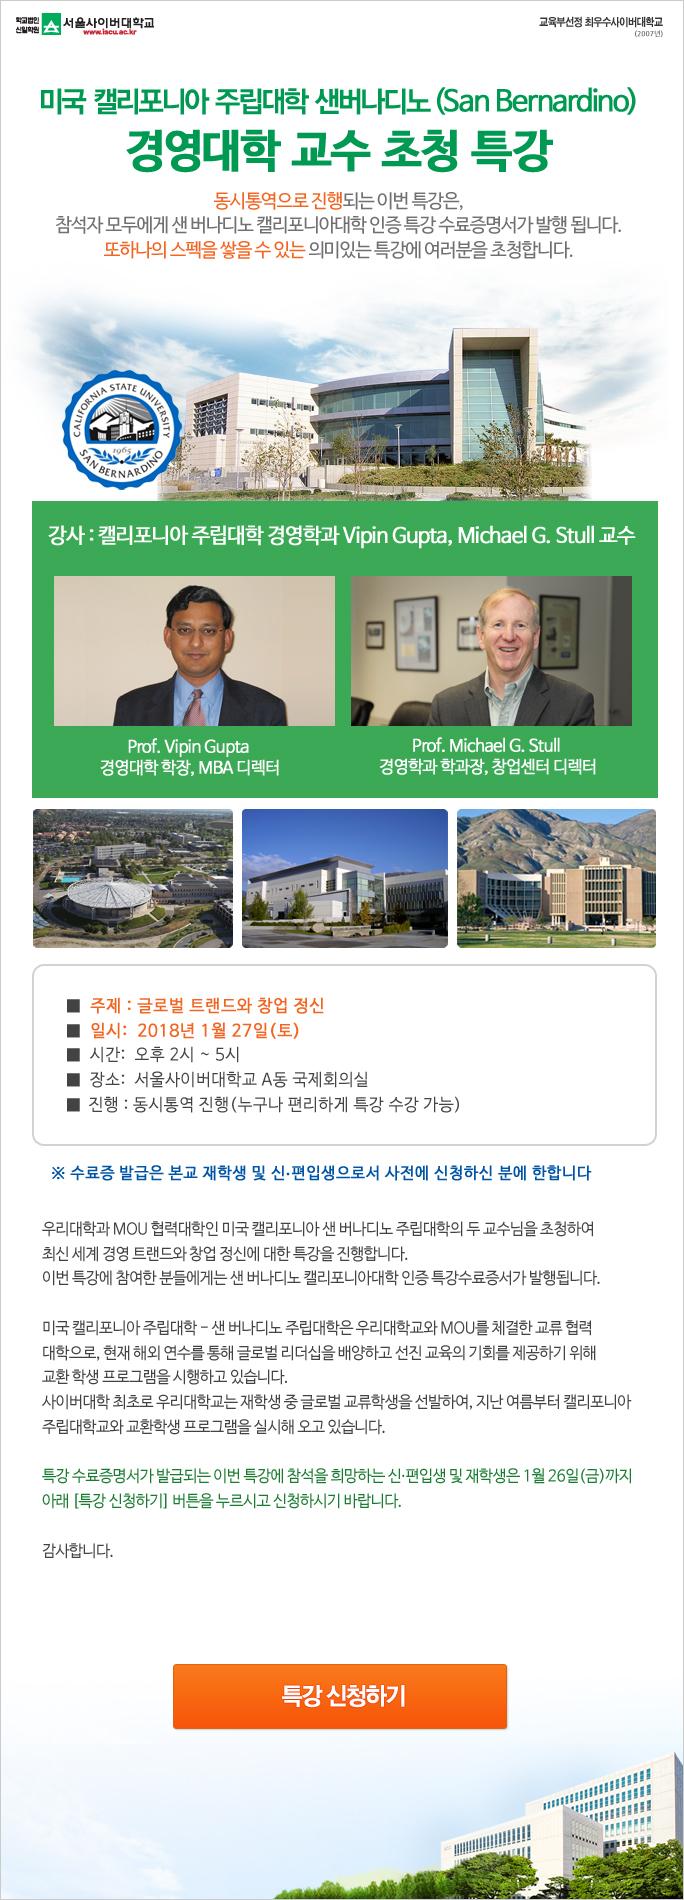 미국 캘리포니아 주립대학 샌버나디노경영대학 교수 초청 특강